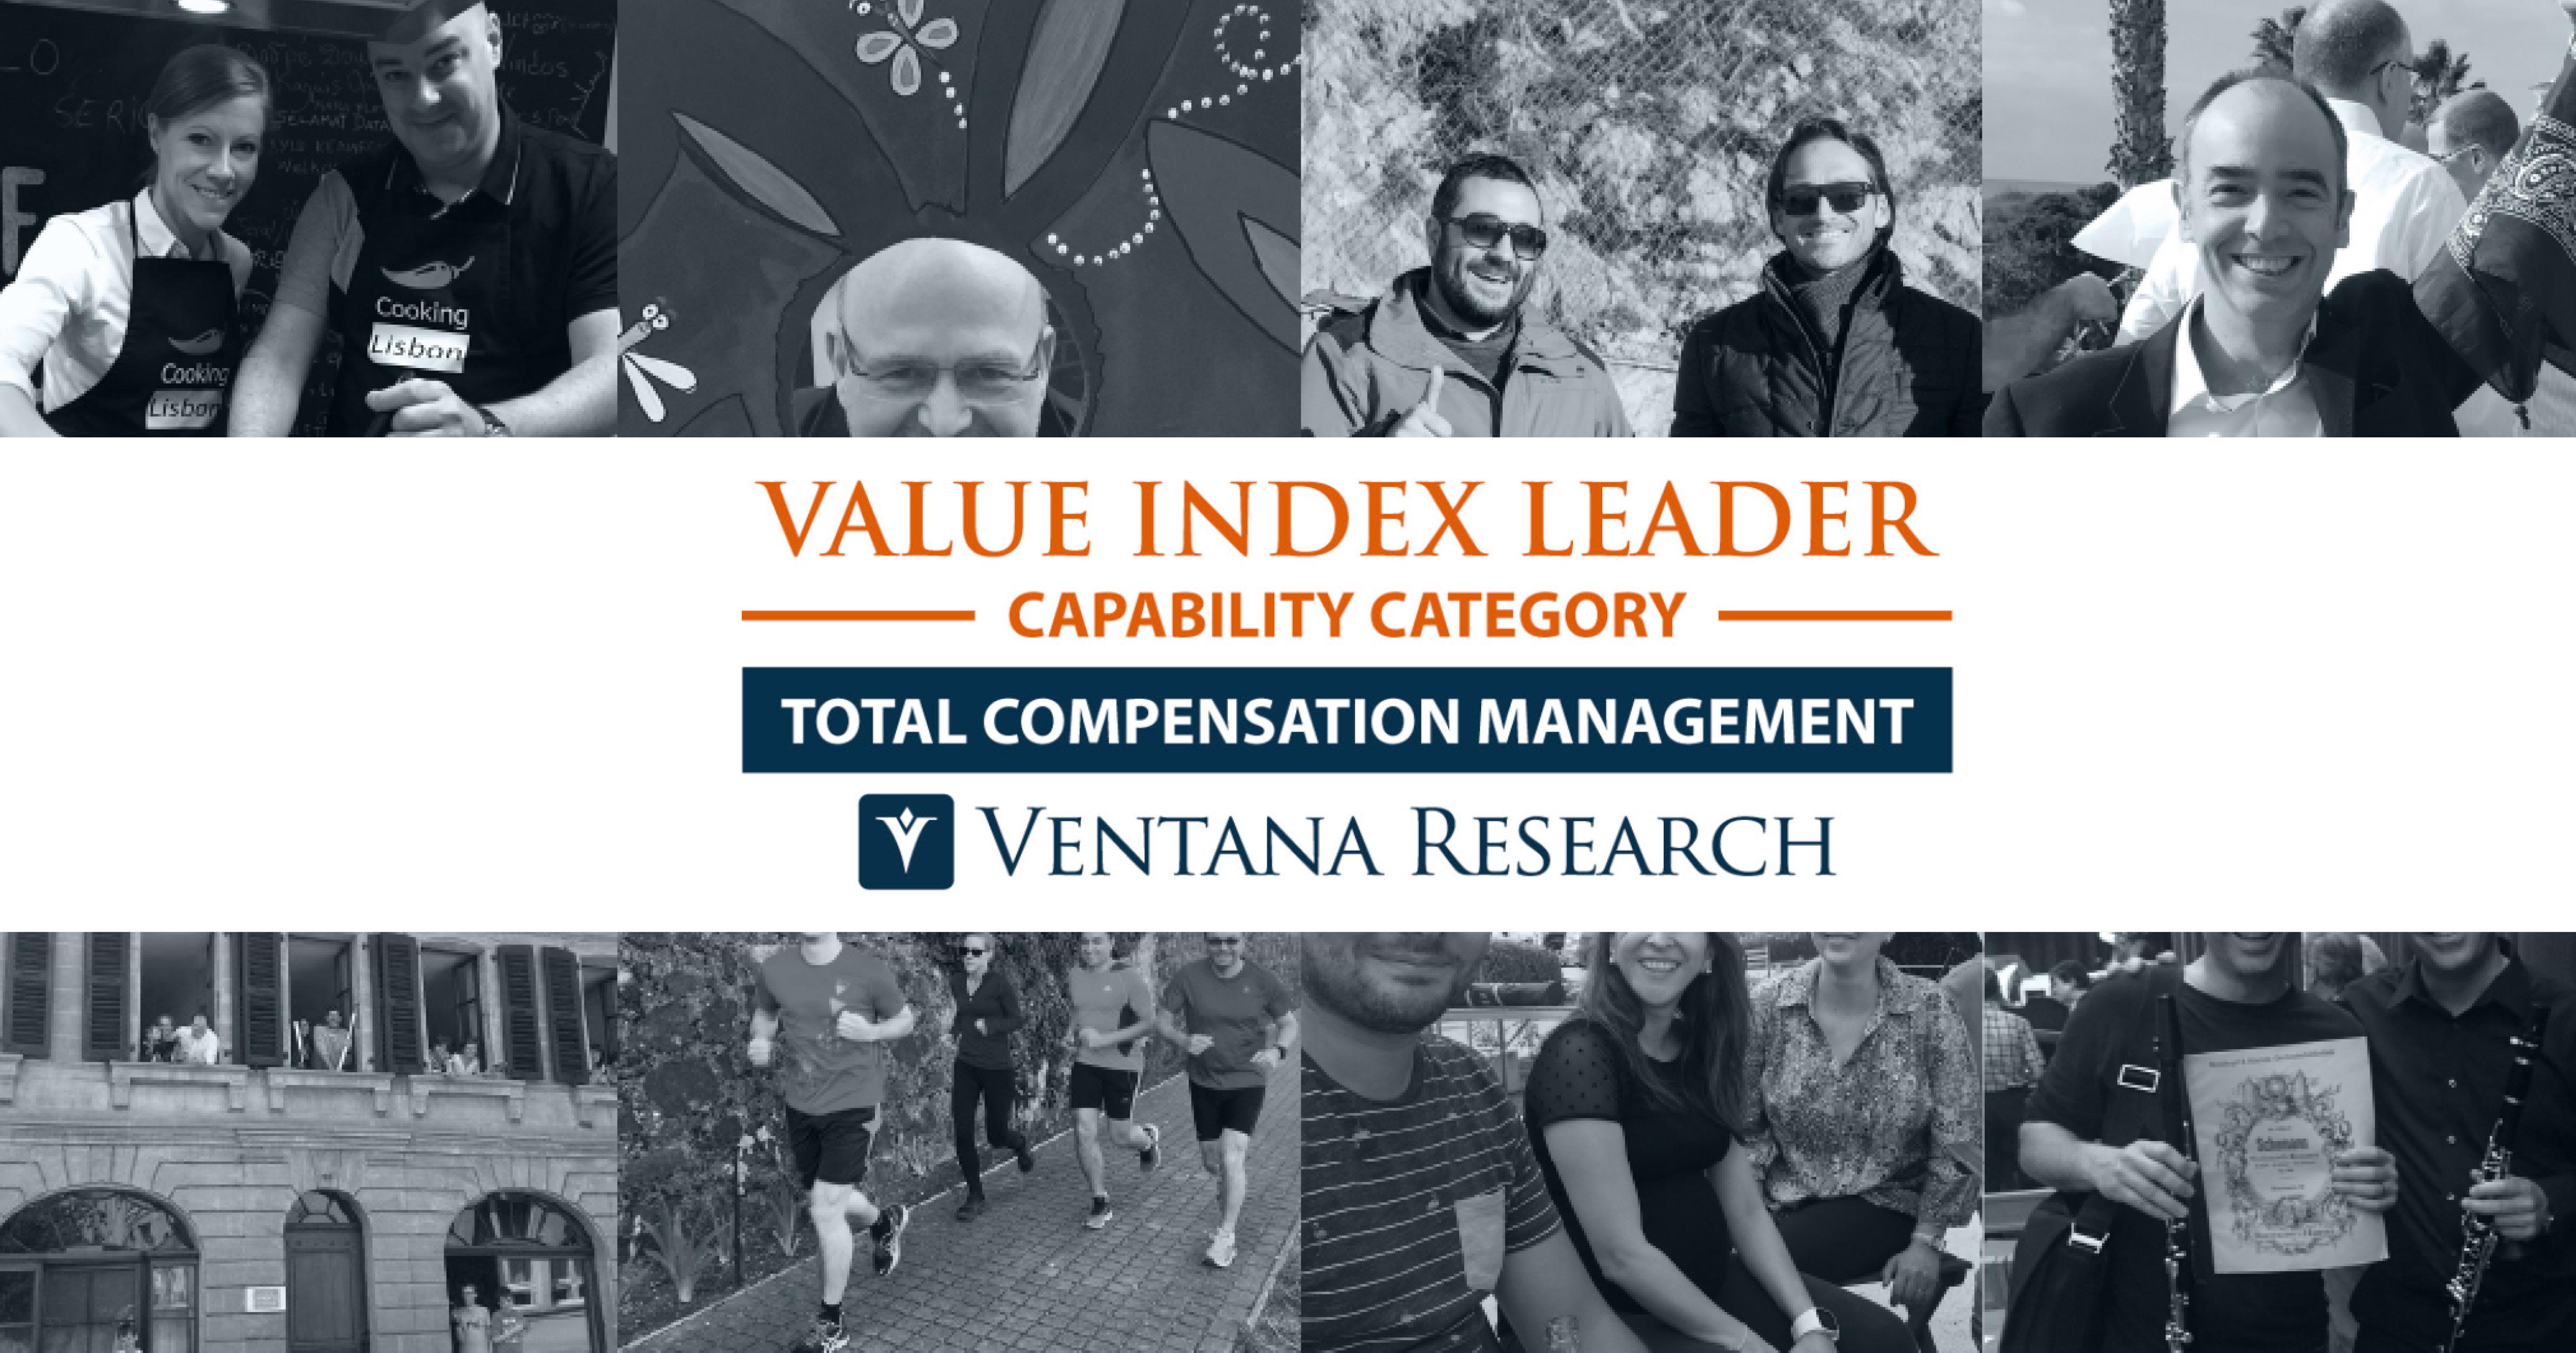 value index leader